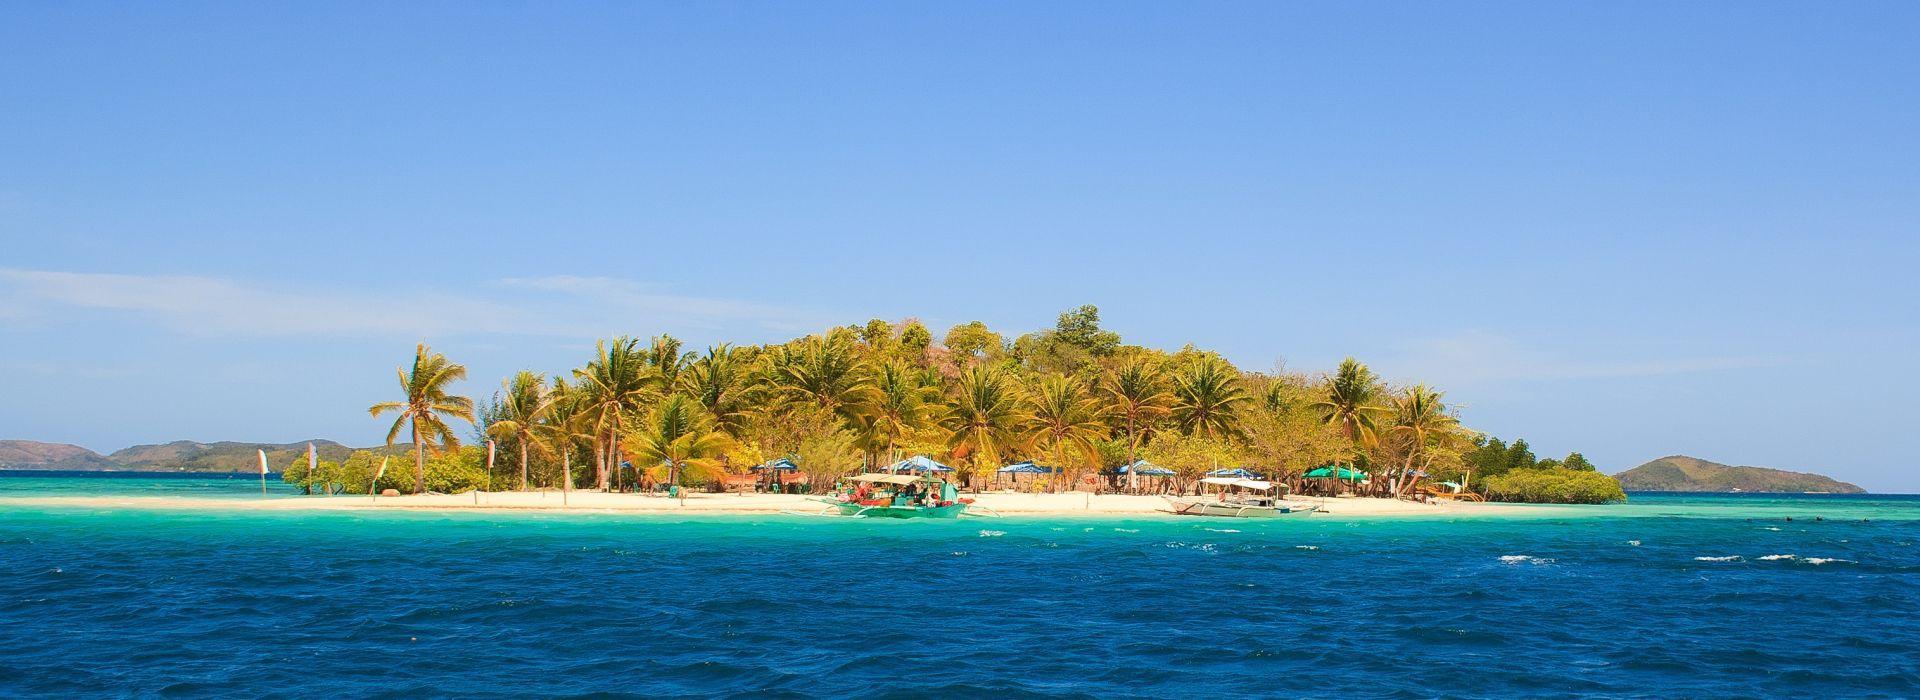 Beaches Tours in Manila